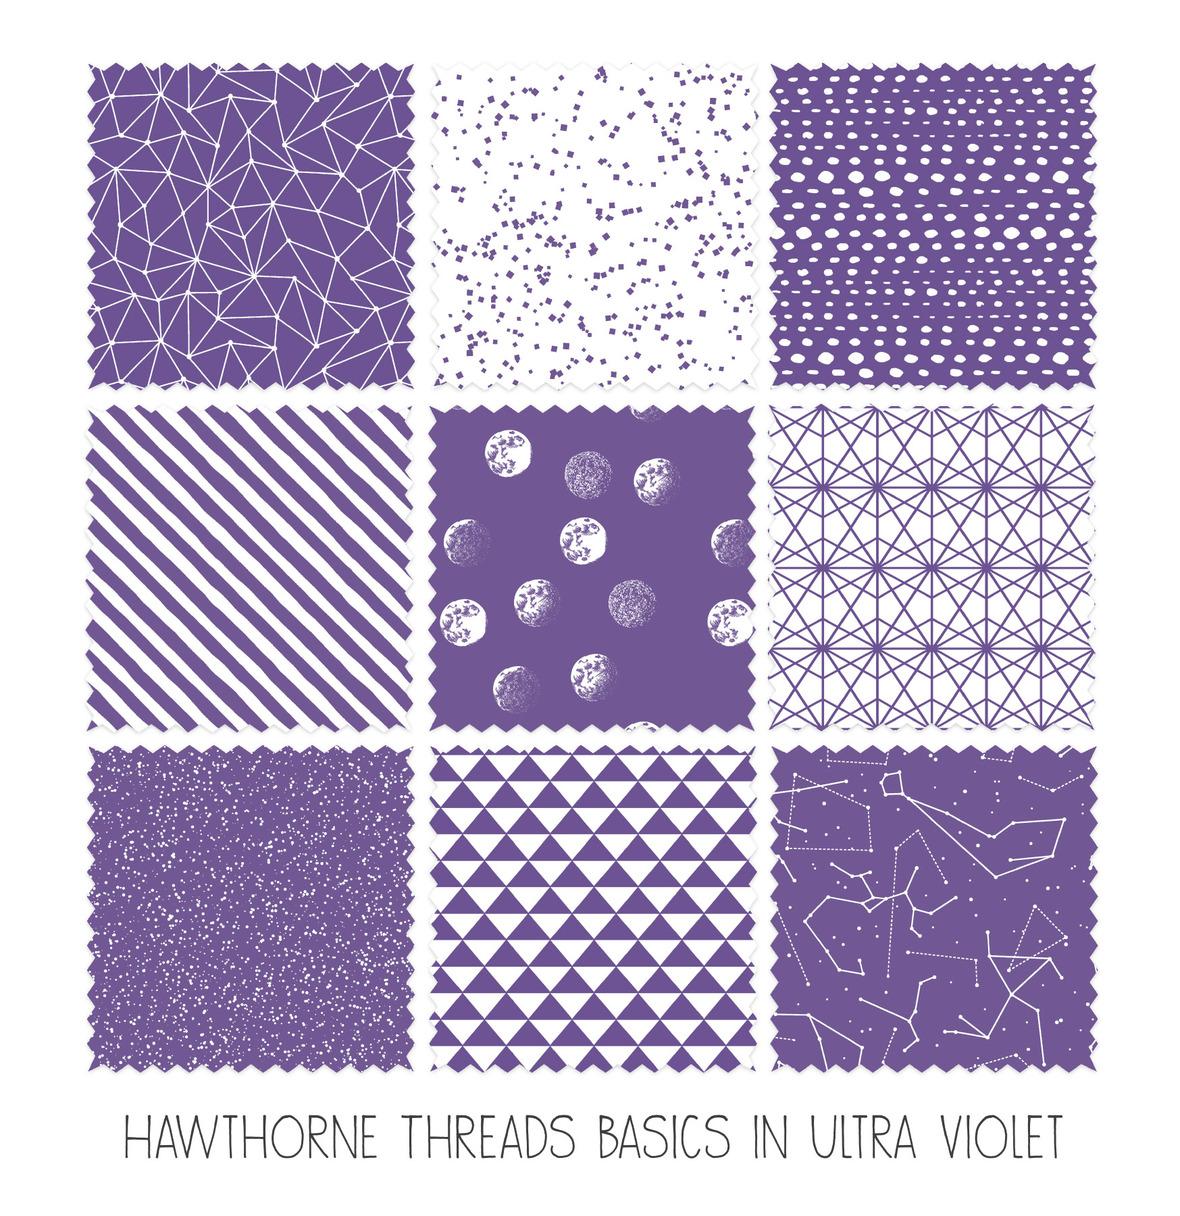 ultra violet promo image